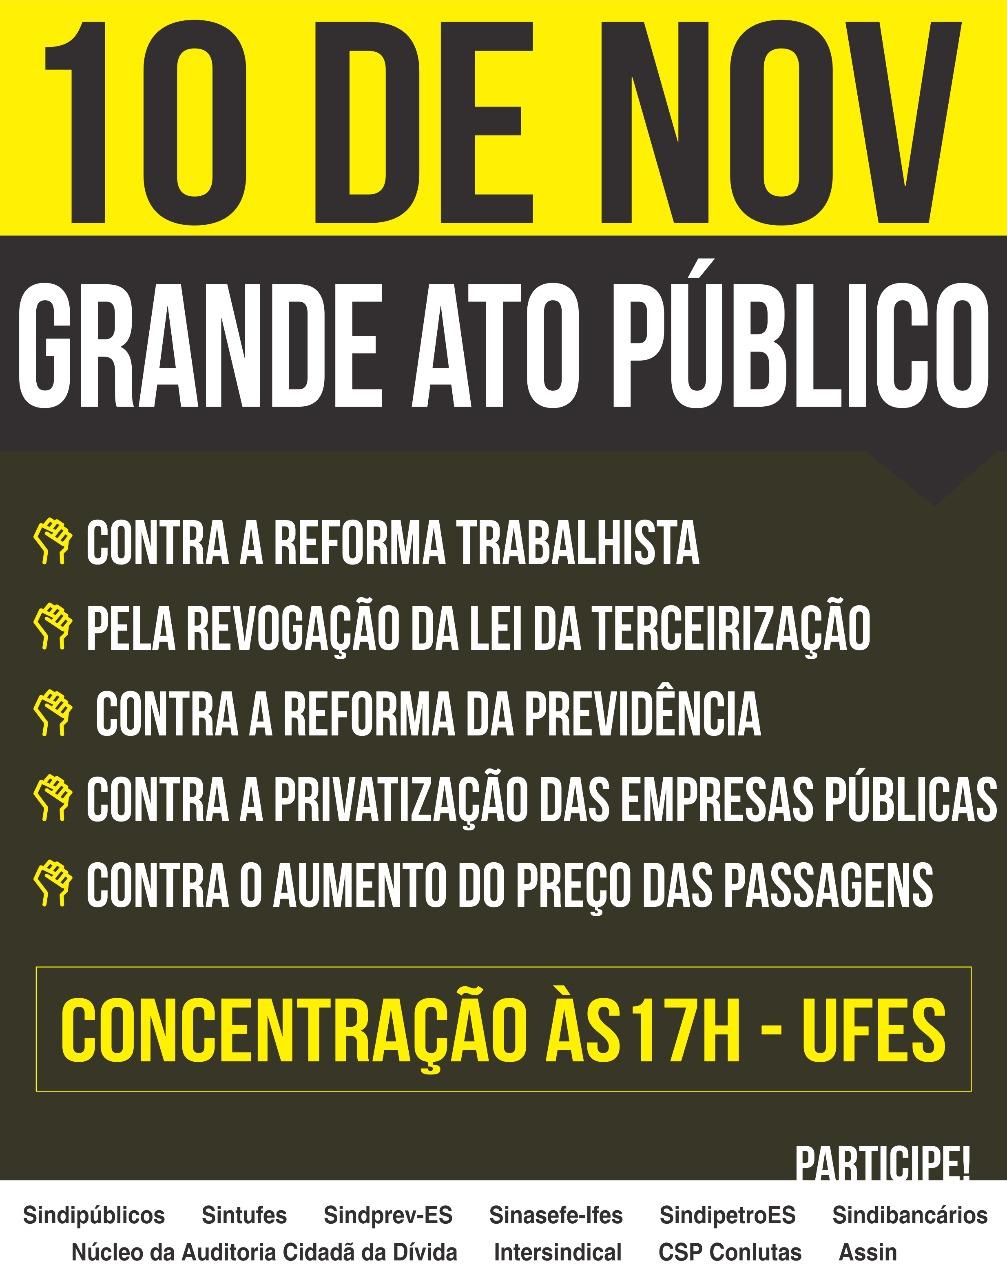 10_de_novembro_grande_ato_publico